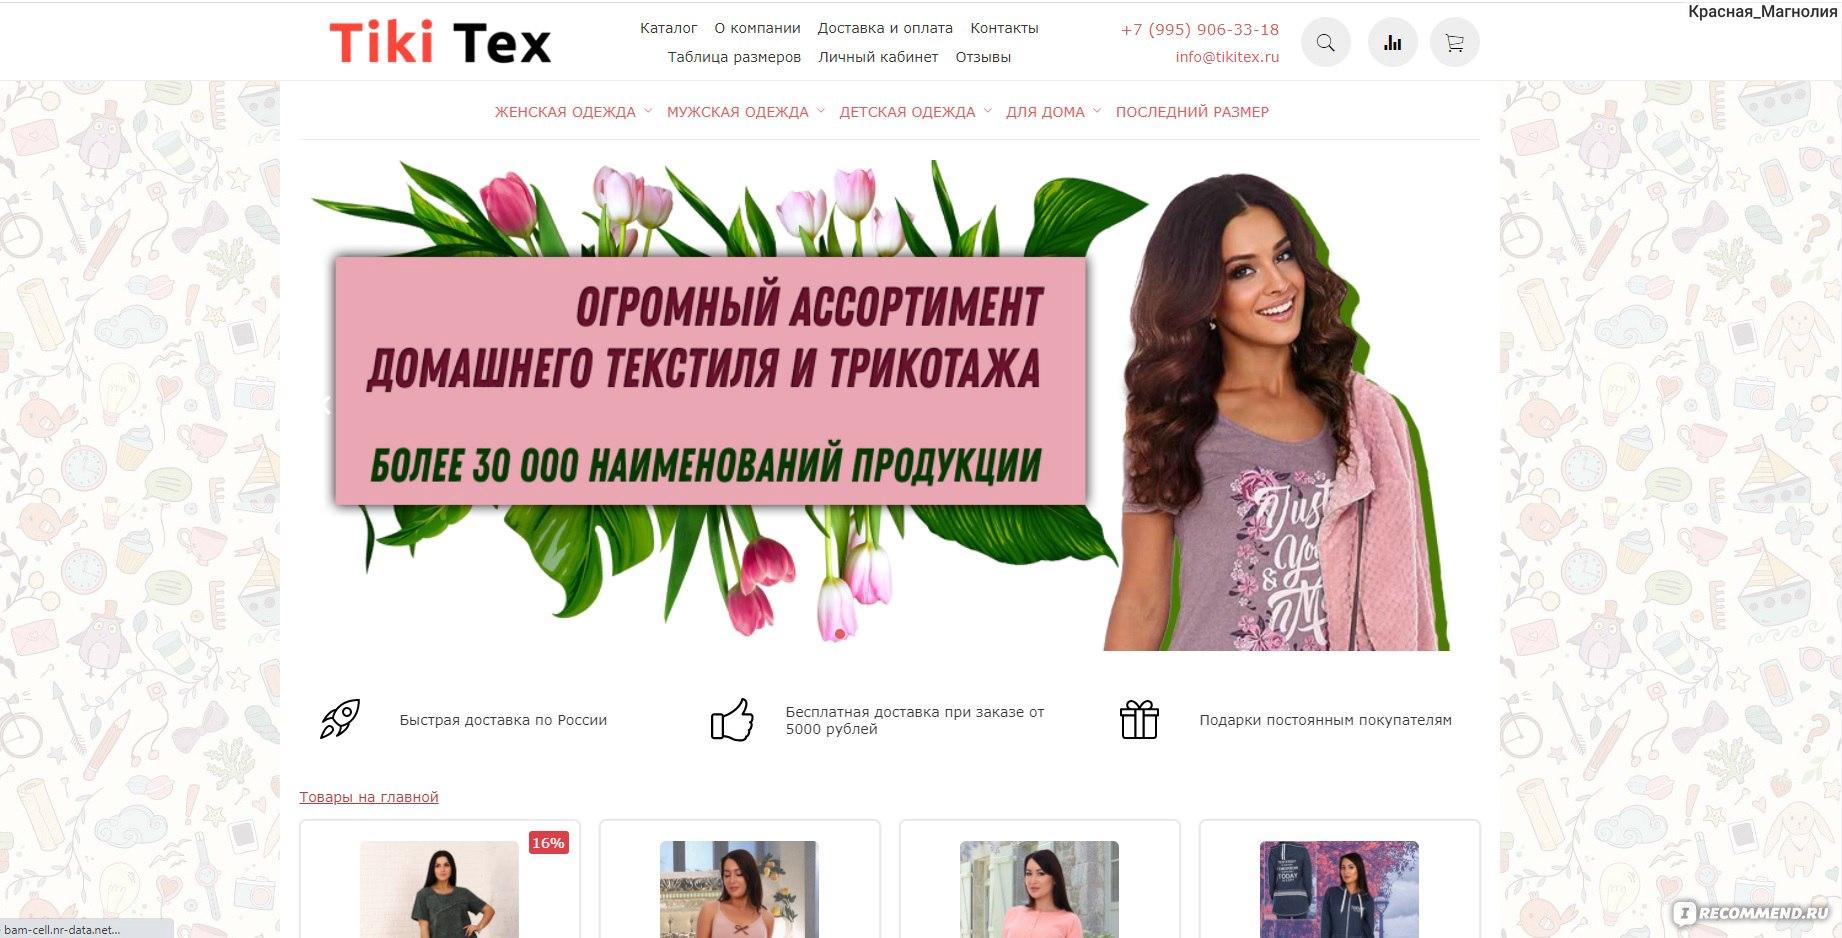 Tiki tex интернет магазин магазины портьерных тканей в спб недорого адреса магазинов